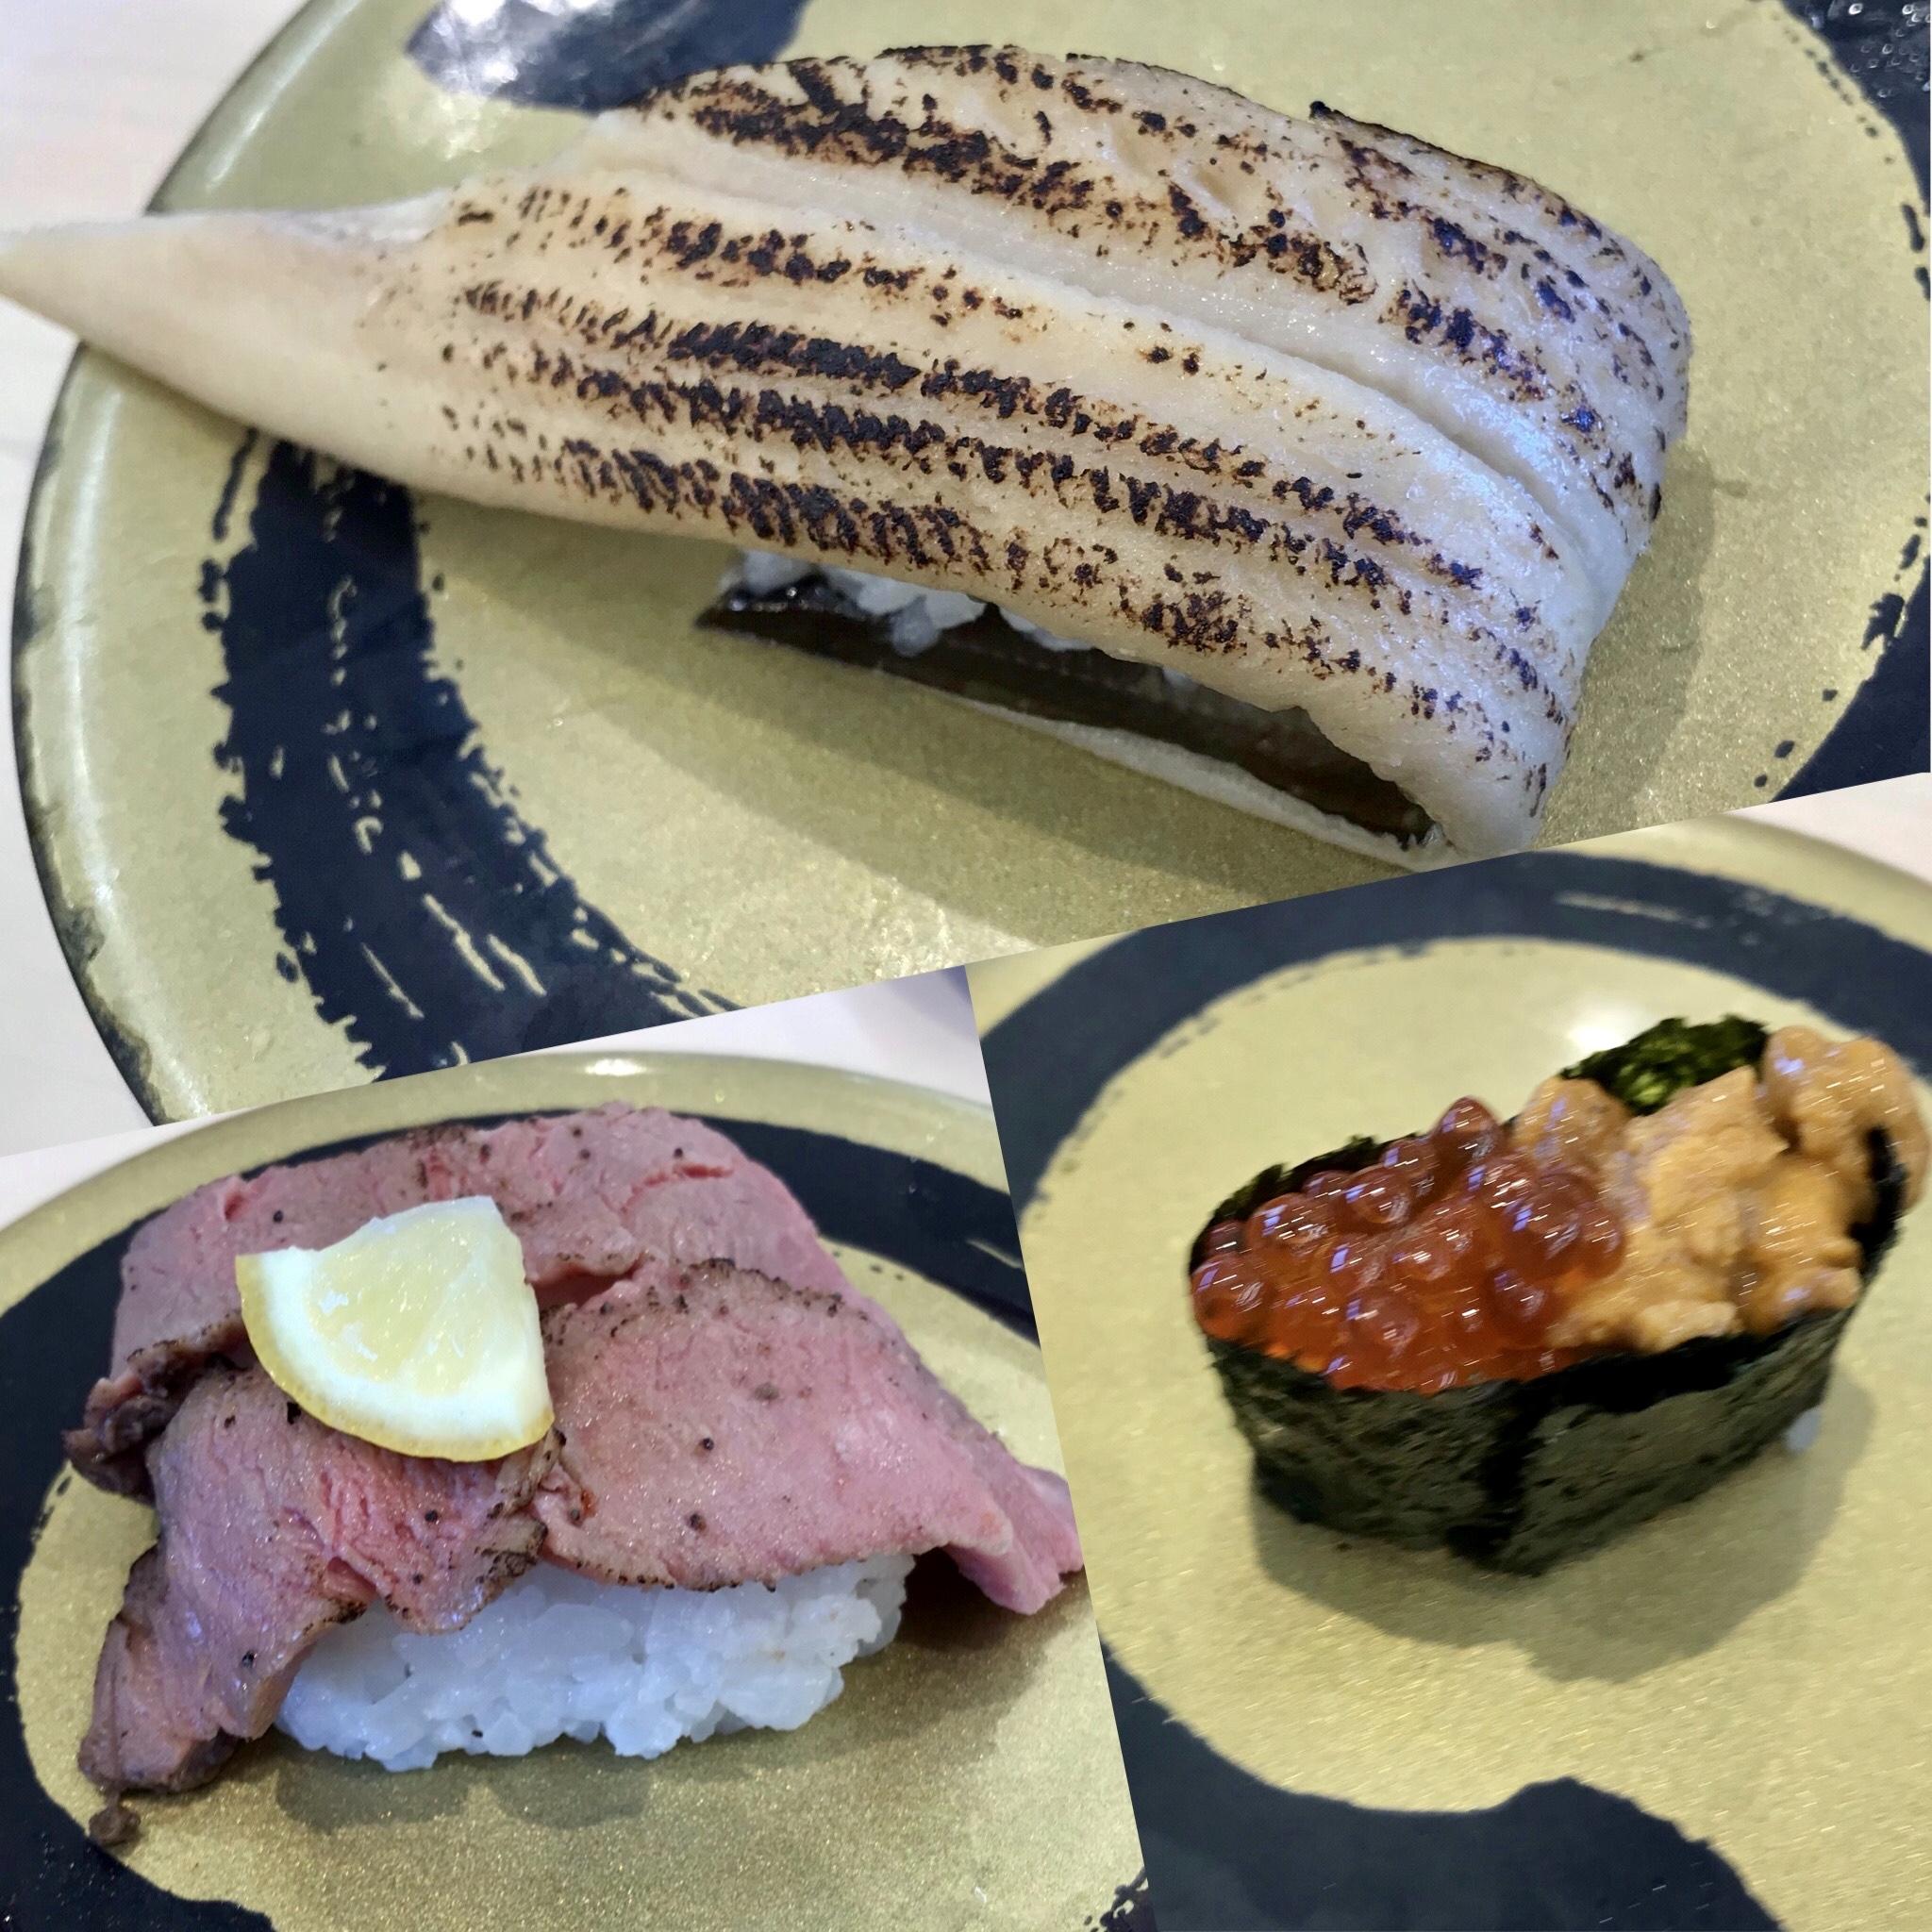 はま寿司,おすすめ,人気メニュー,サイドメニュー,ランキング